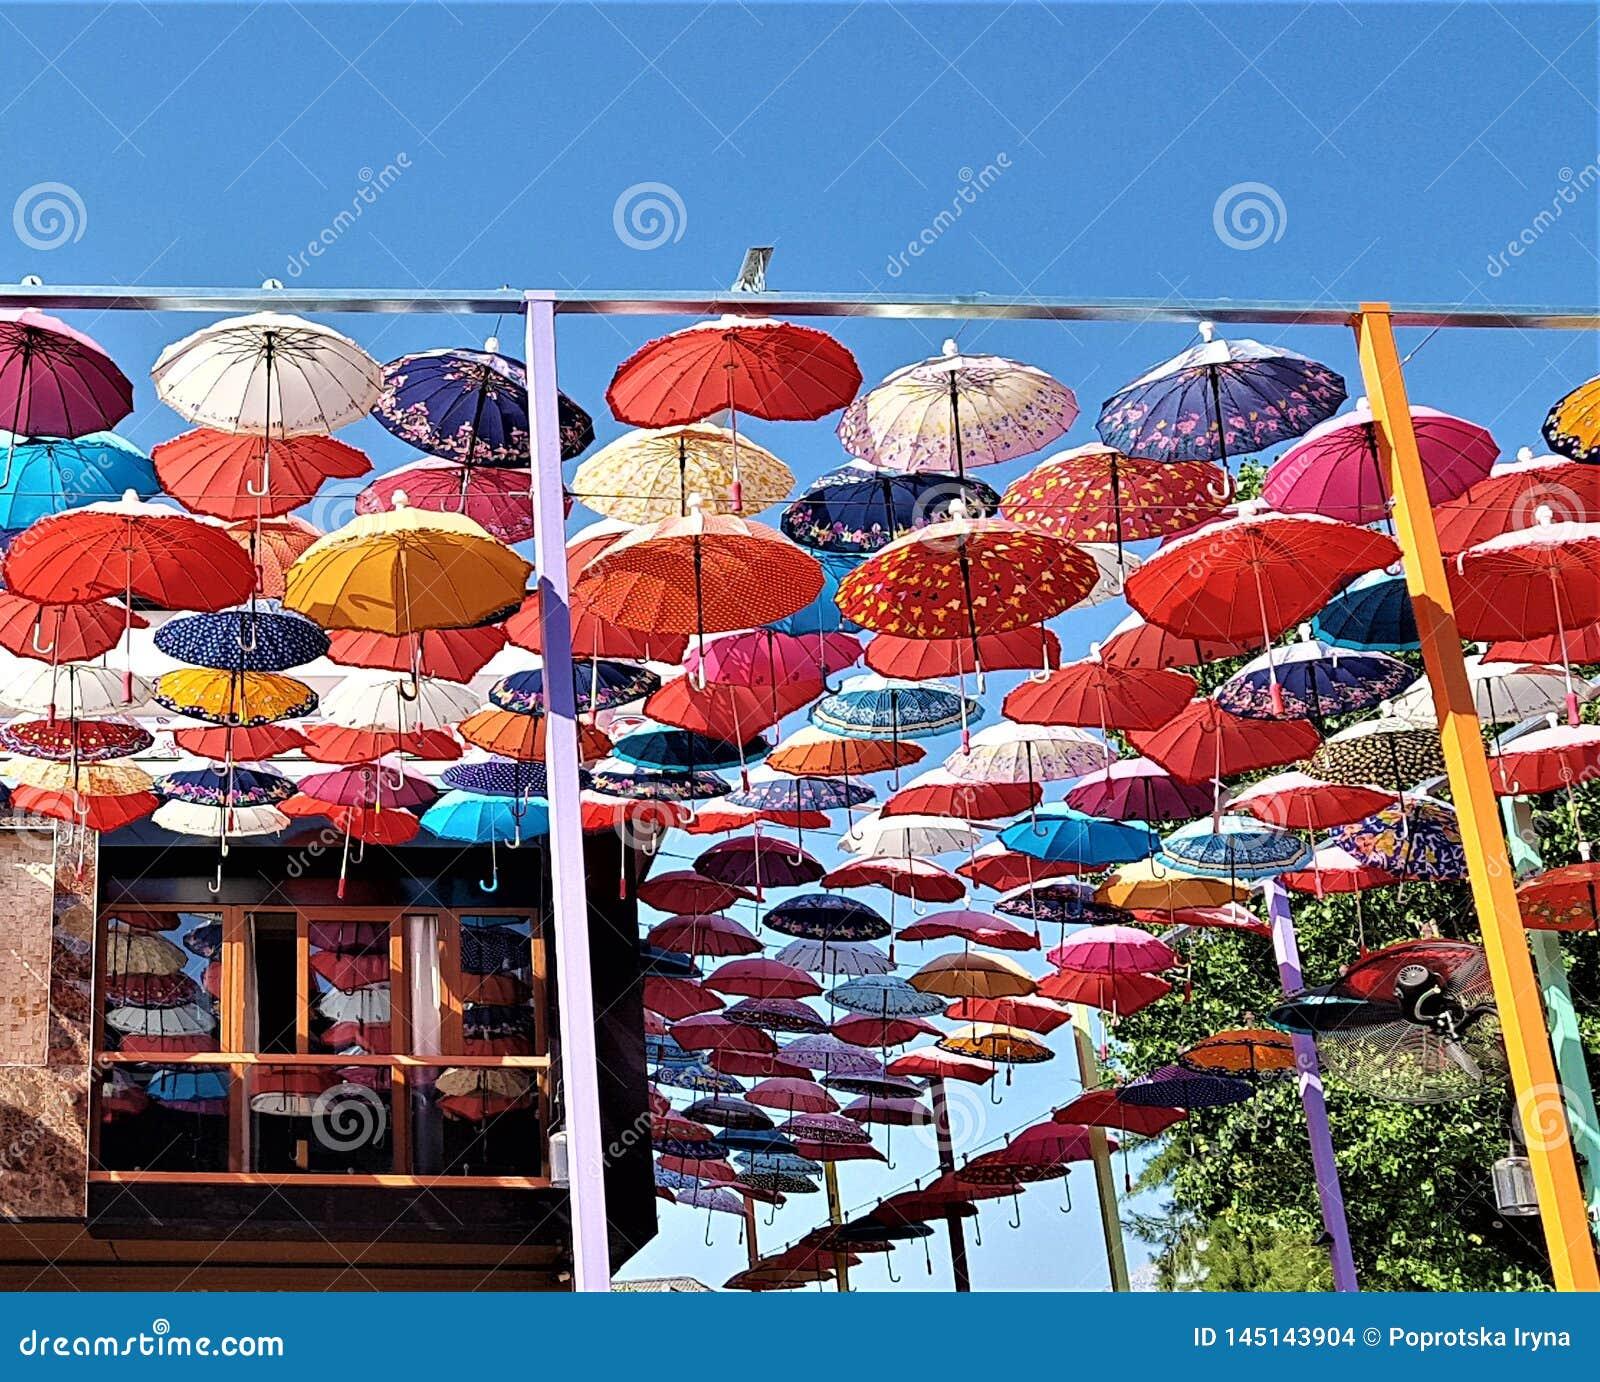 Décoration De Parapluies Dans La Rue De Ville De Kemer